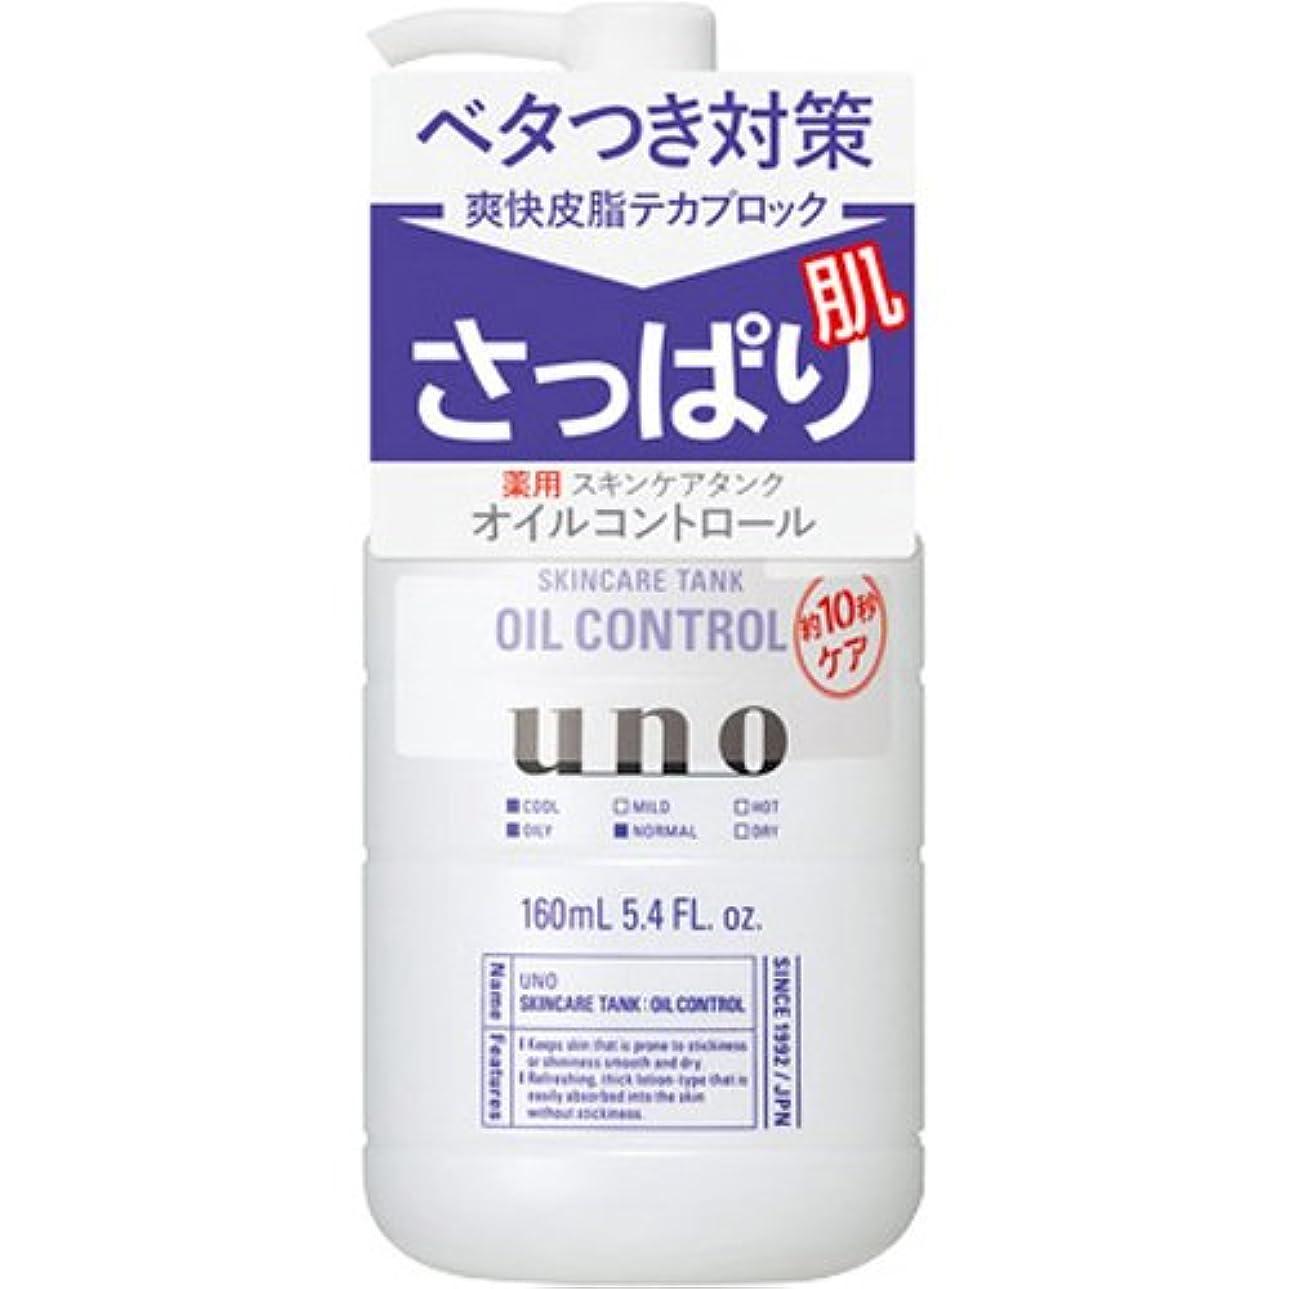 襟ゲートウェイ食事資生堂 ウーノ スキンケアタンク [さっぱり] (医薬部外品)《160mL》